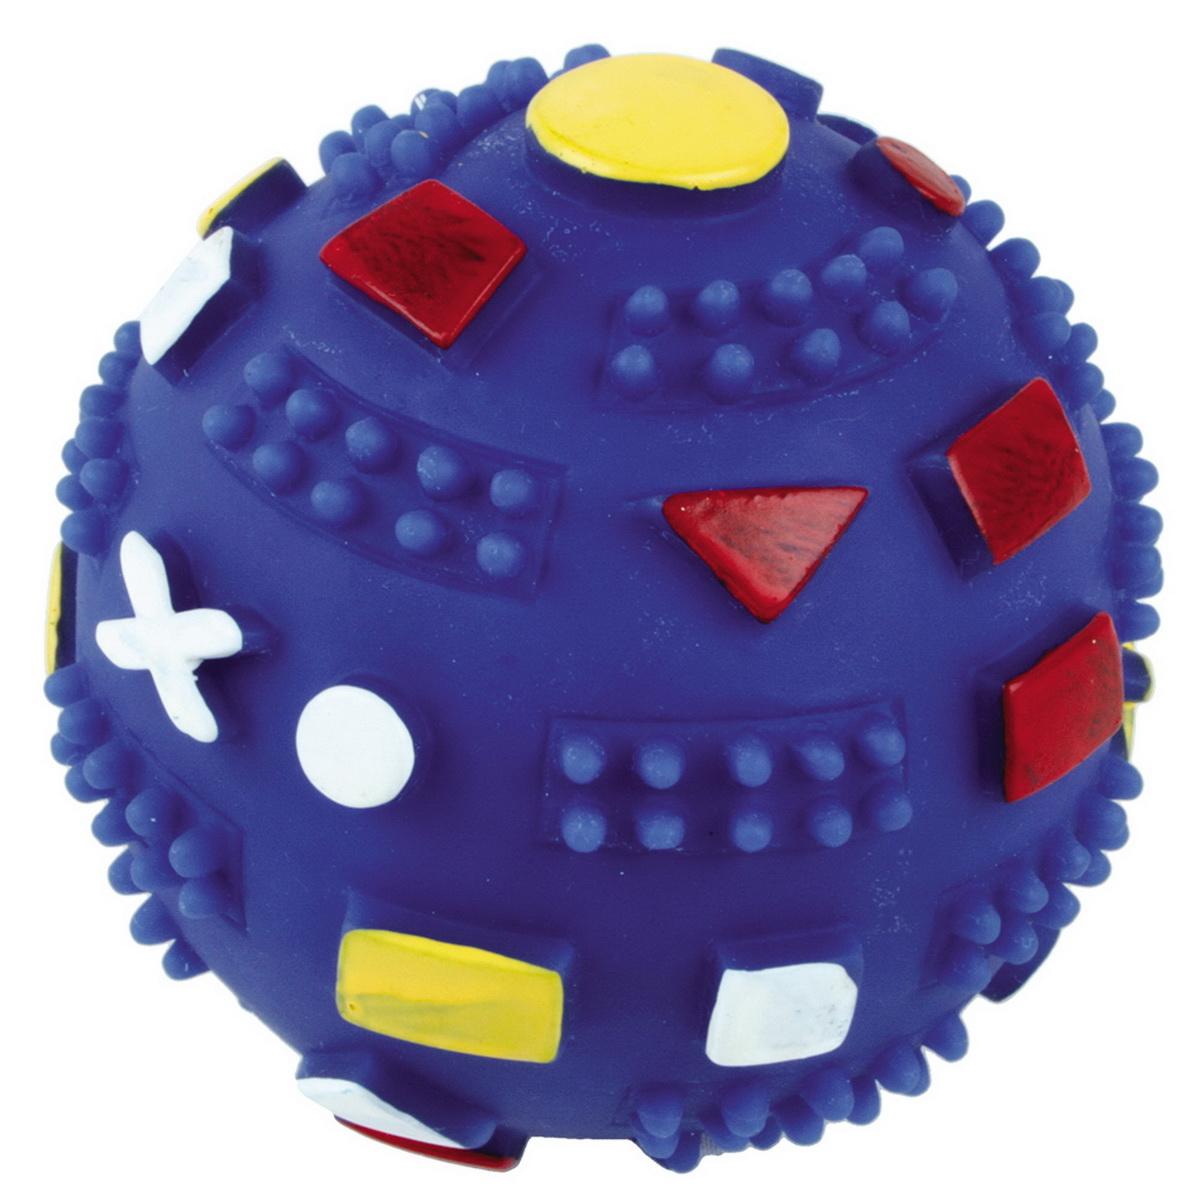 Игрушка для собак Dezzie Мяч. Фигуры, диаметр 7 см игрушка для собак dezzie кольцо с запахом мяса диаметр 8 5 см